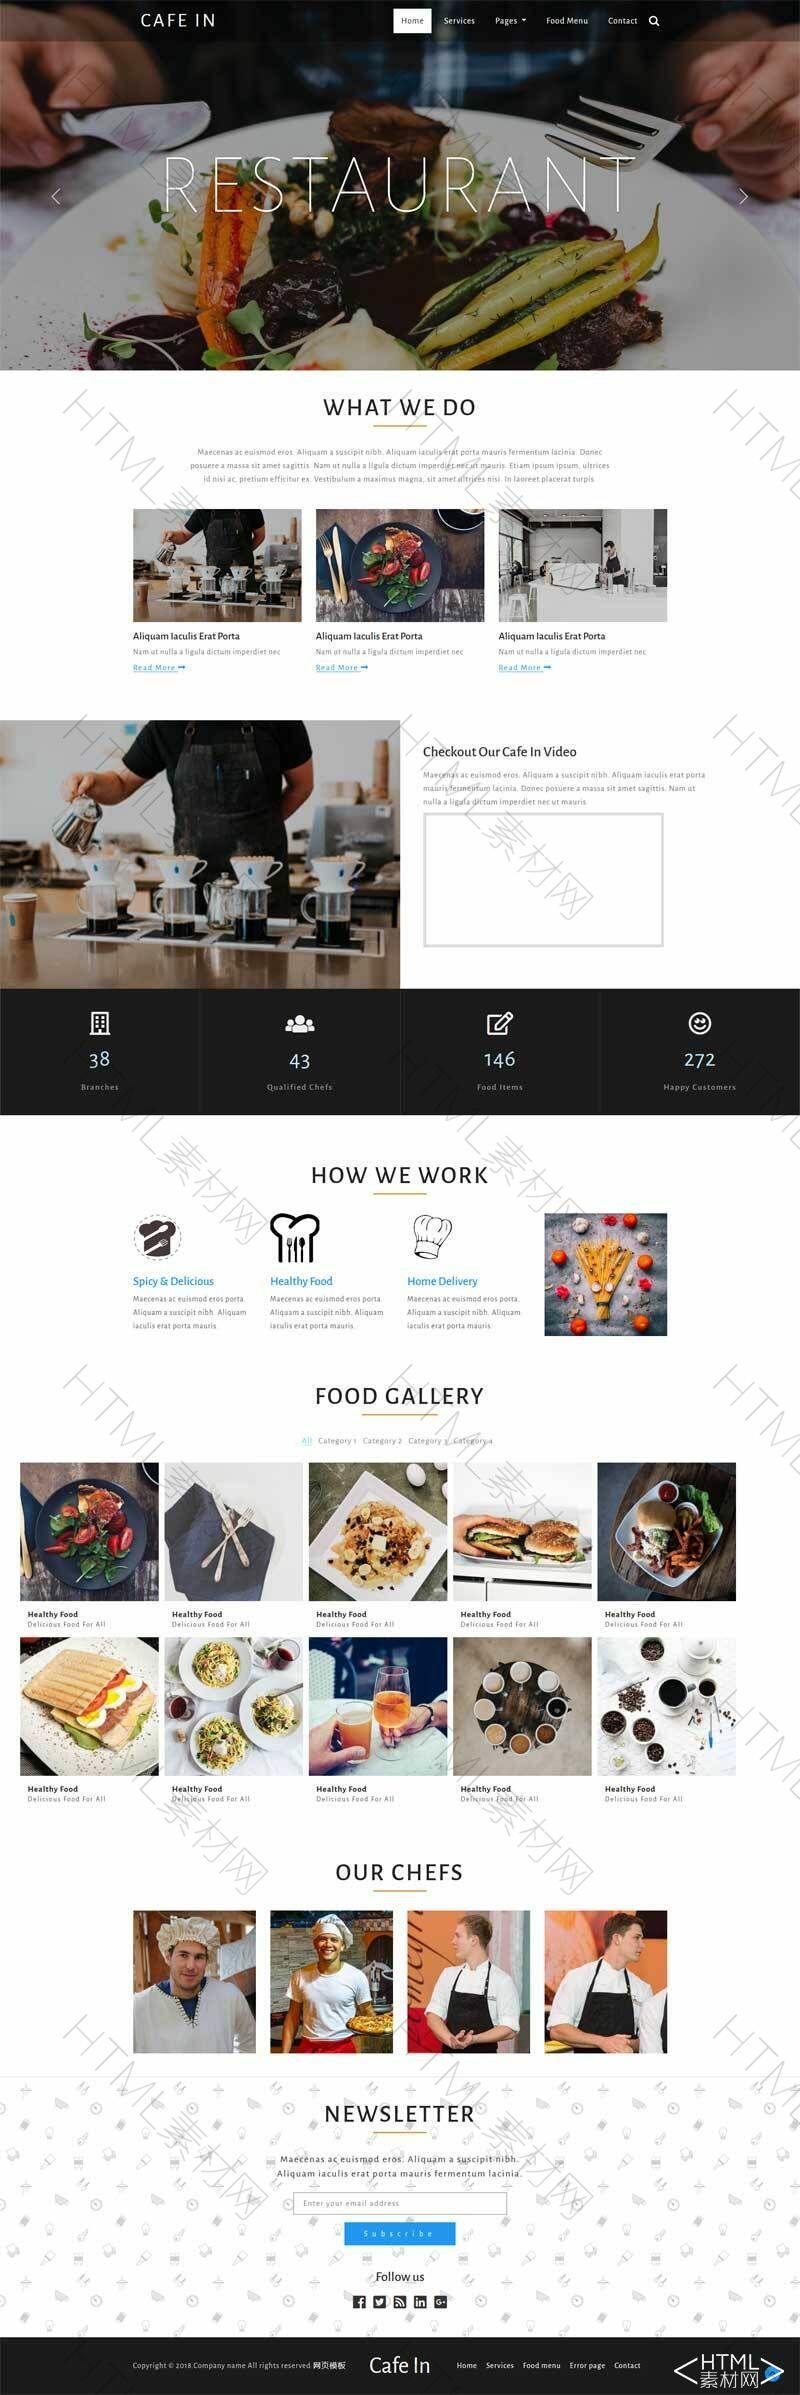 宽屏国外咖啡店餐馆网站模板.jpg